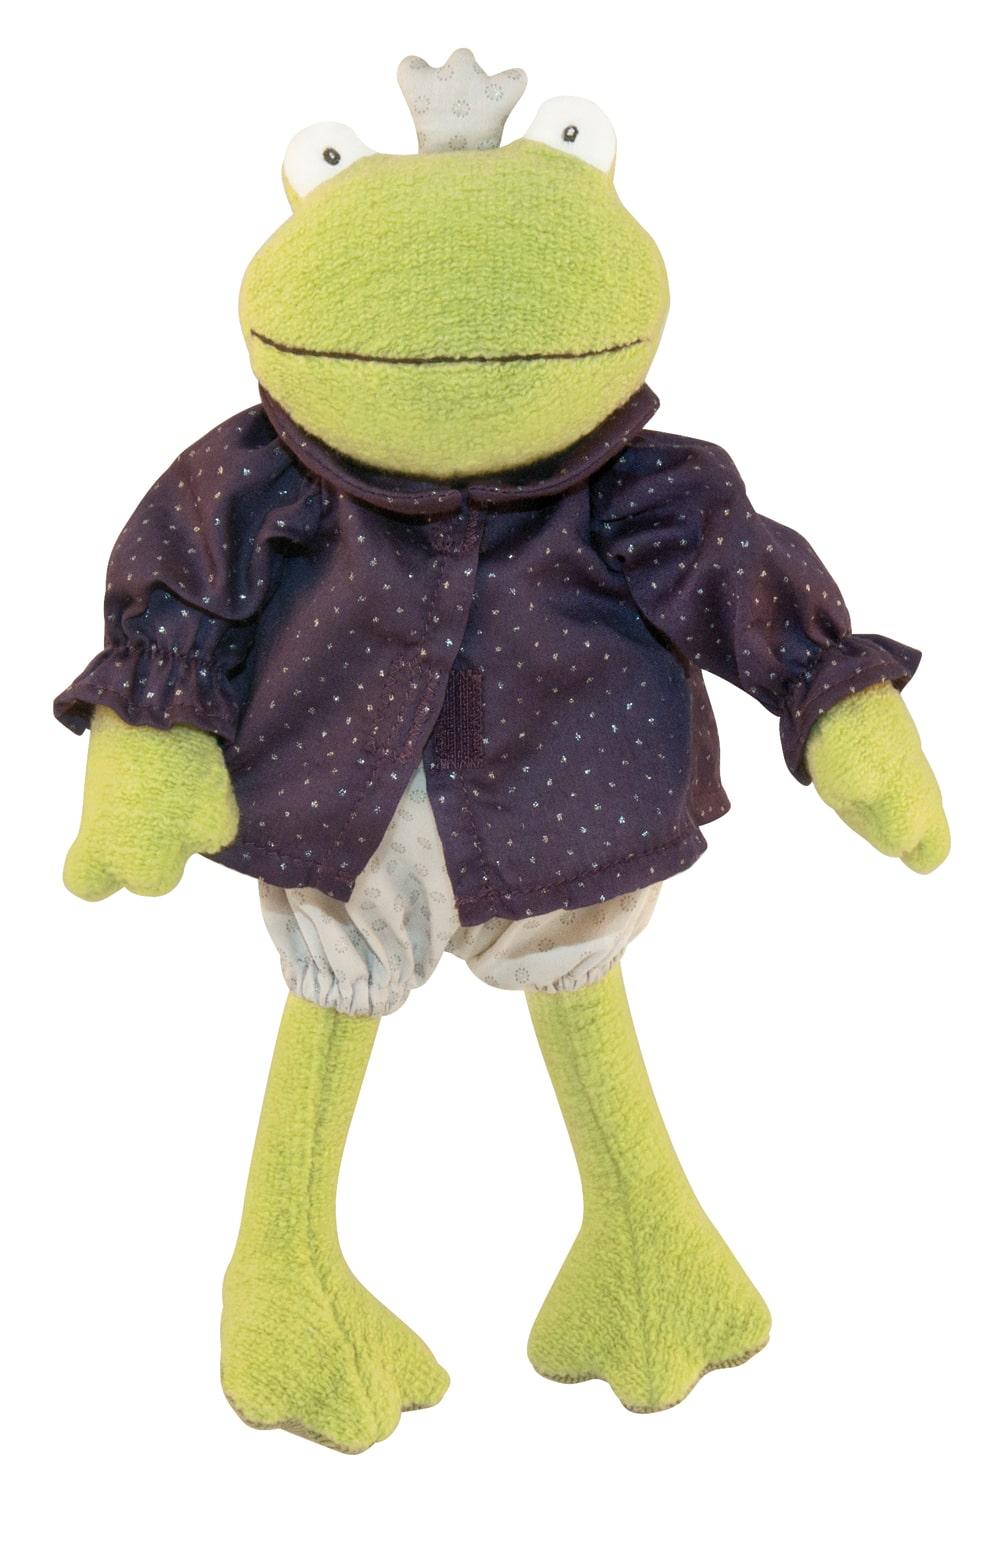 Il etait une fois - The Frog Prince